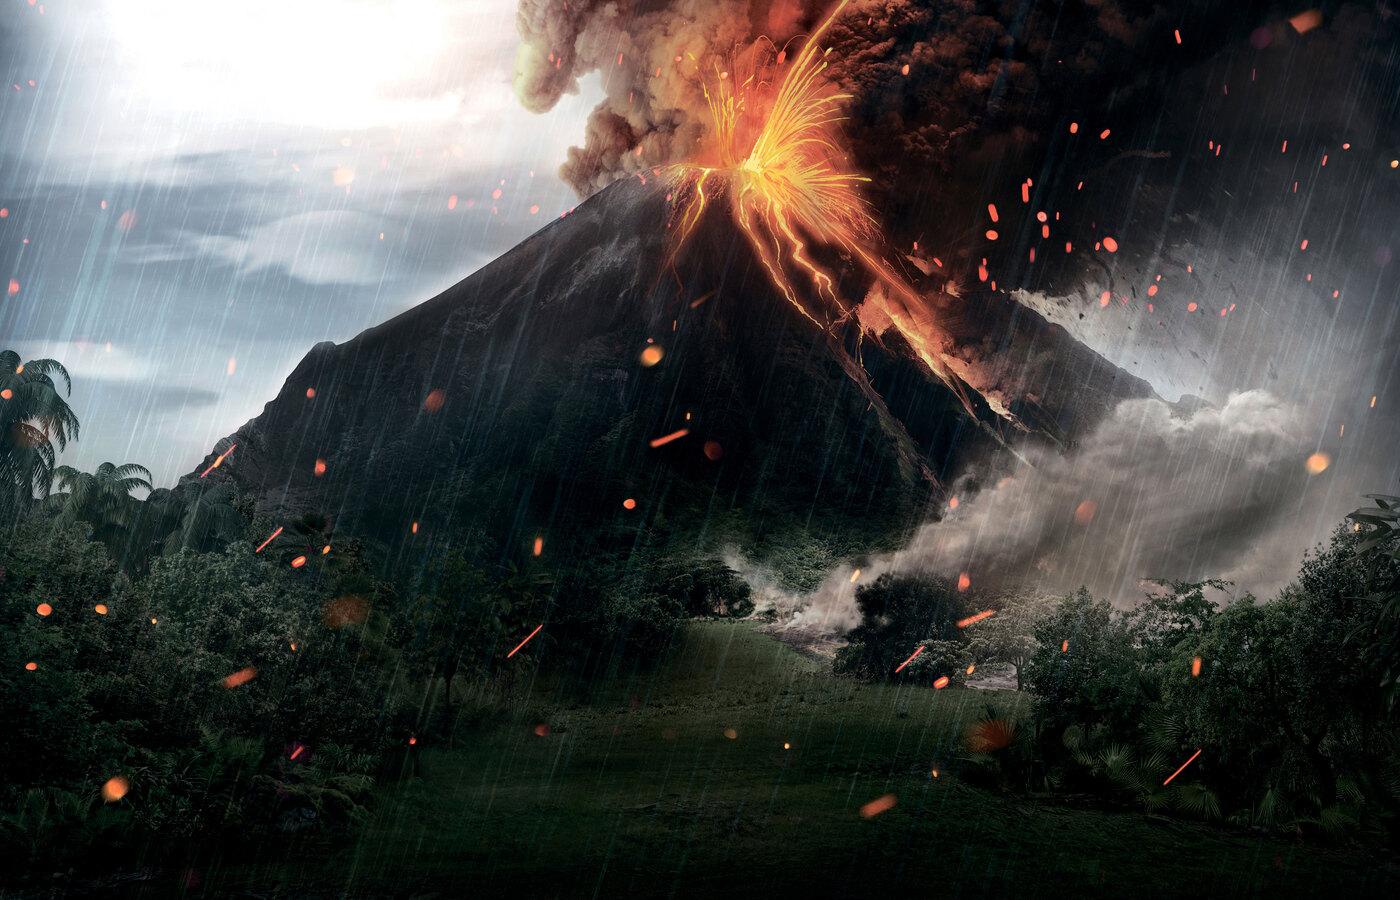 jurassic-world-fallen-kingdom-12k-9j.jpg